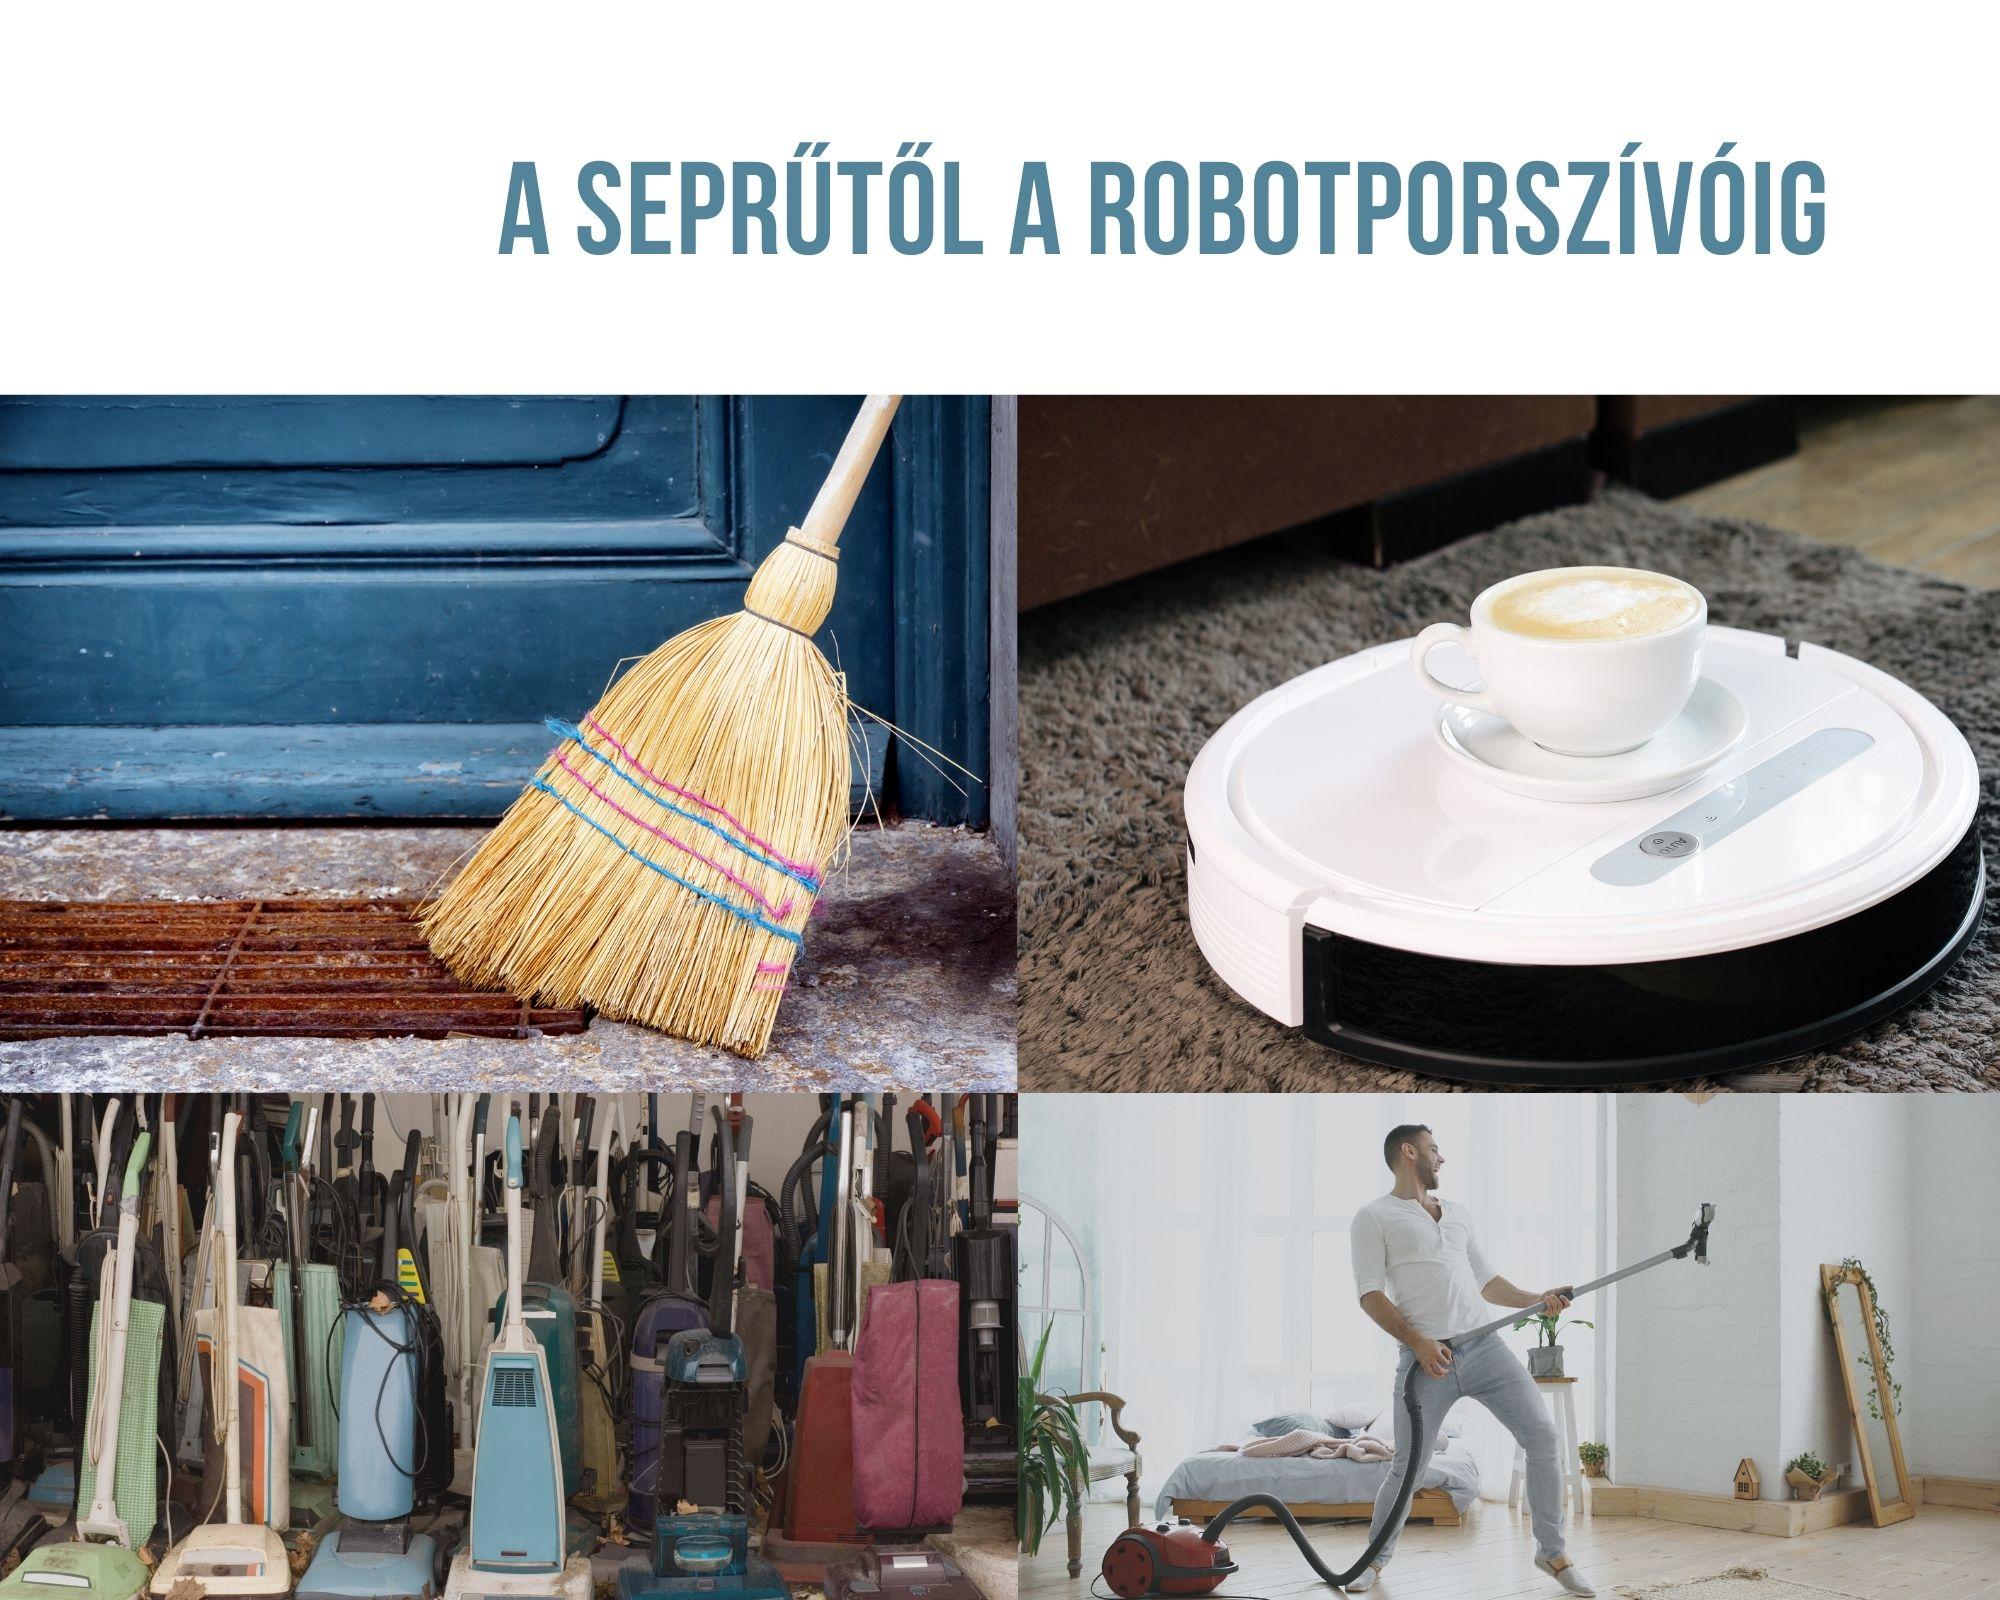 A seprűtől a robotporszívóig